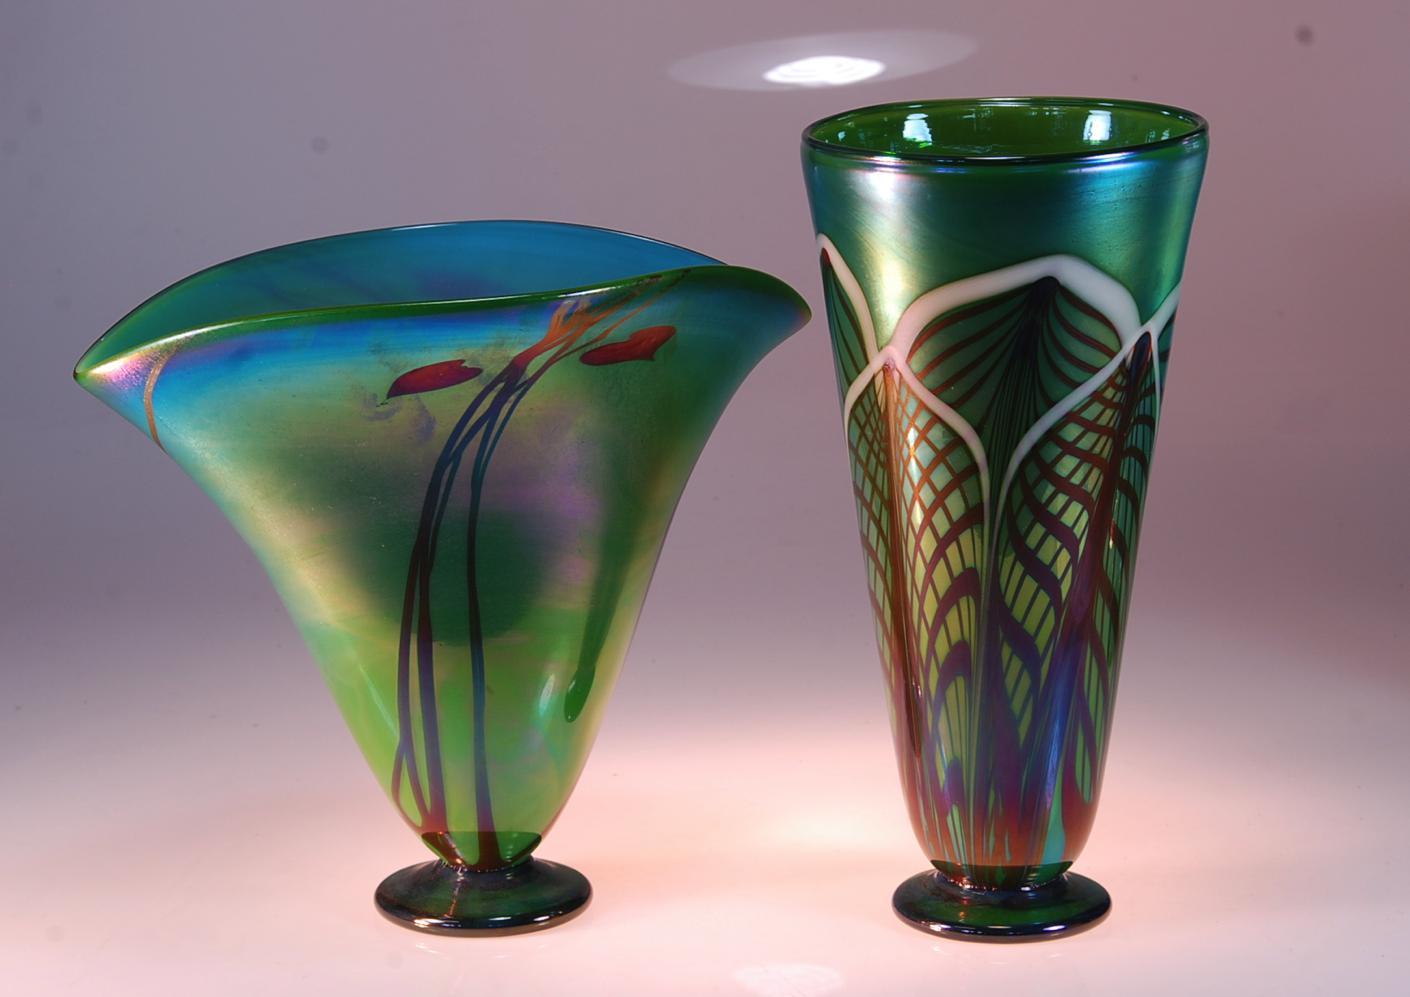 Moss vases